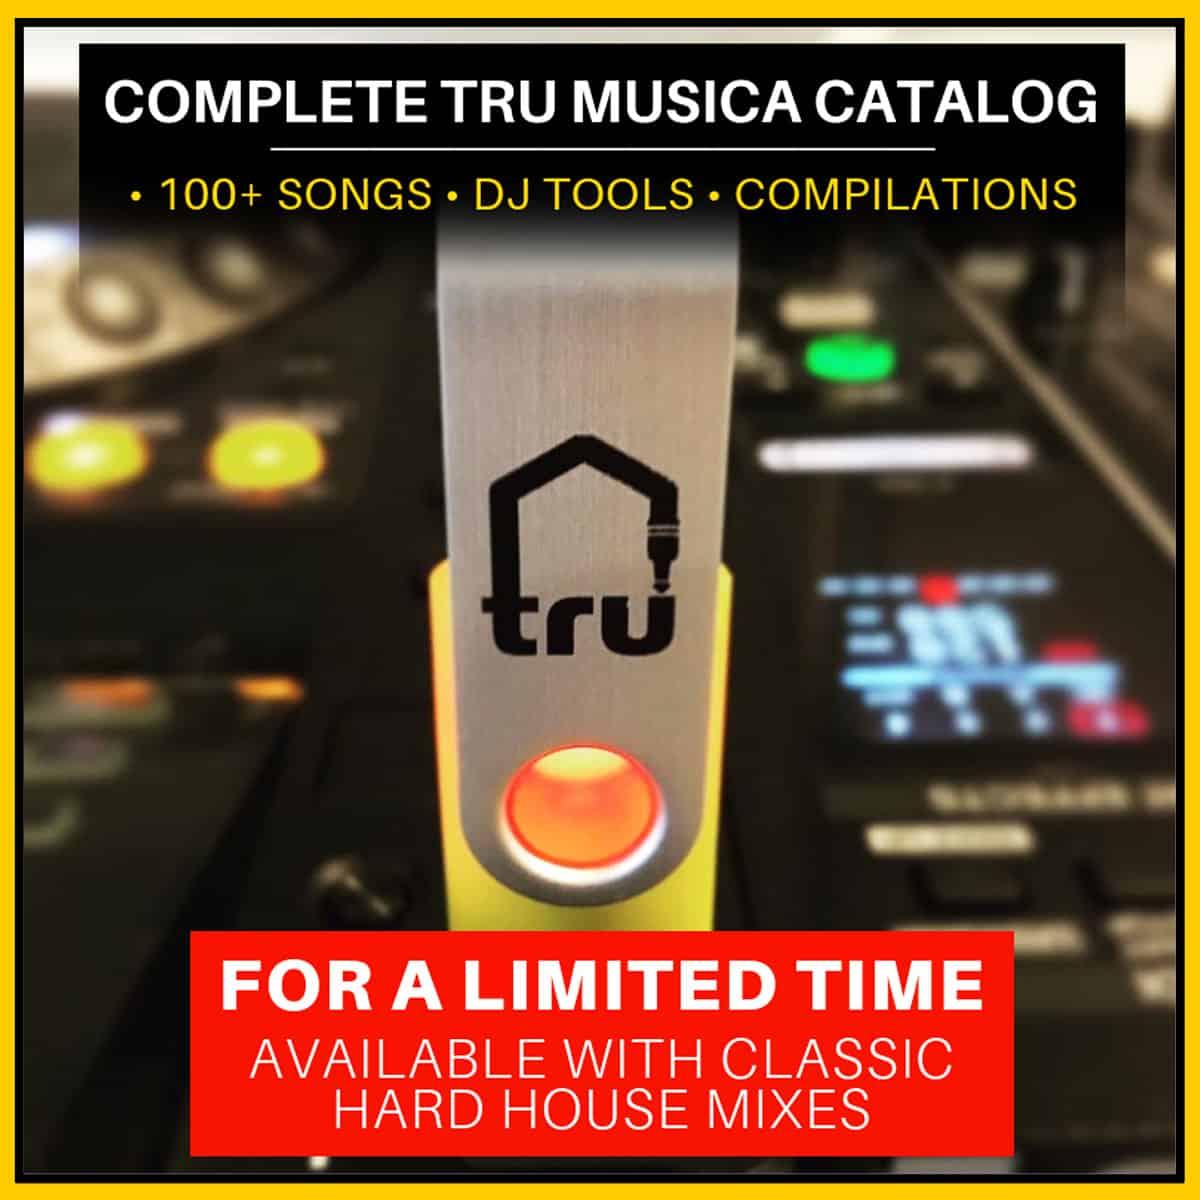 8GB trUSB 3.0 Flash Drive Tru Musica Catalog & More